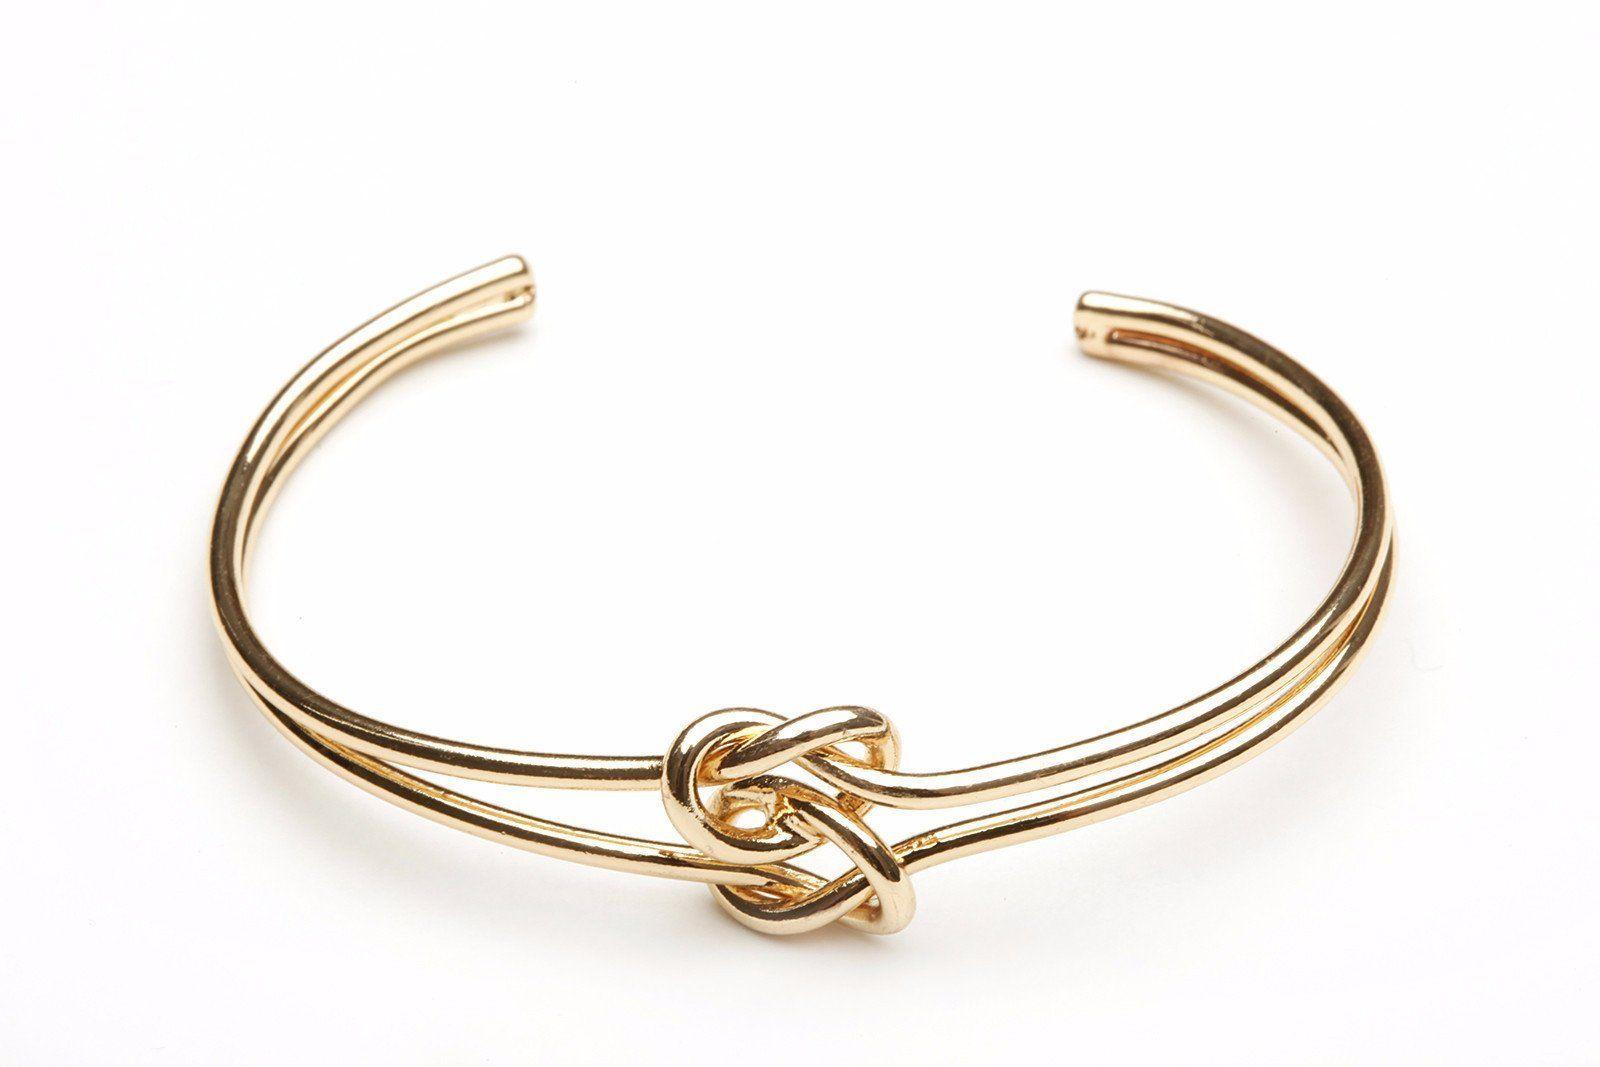 Gold Double Tie The Knot Bracelet Bridesmaid Bracelet Gift